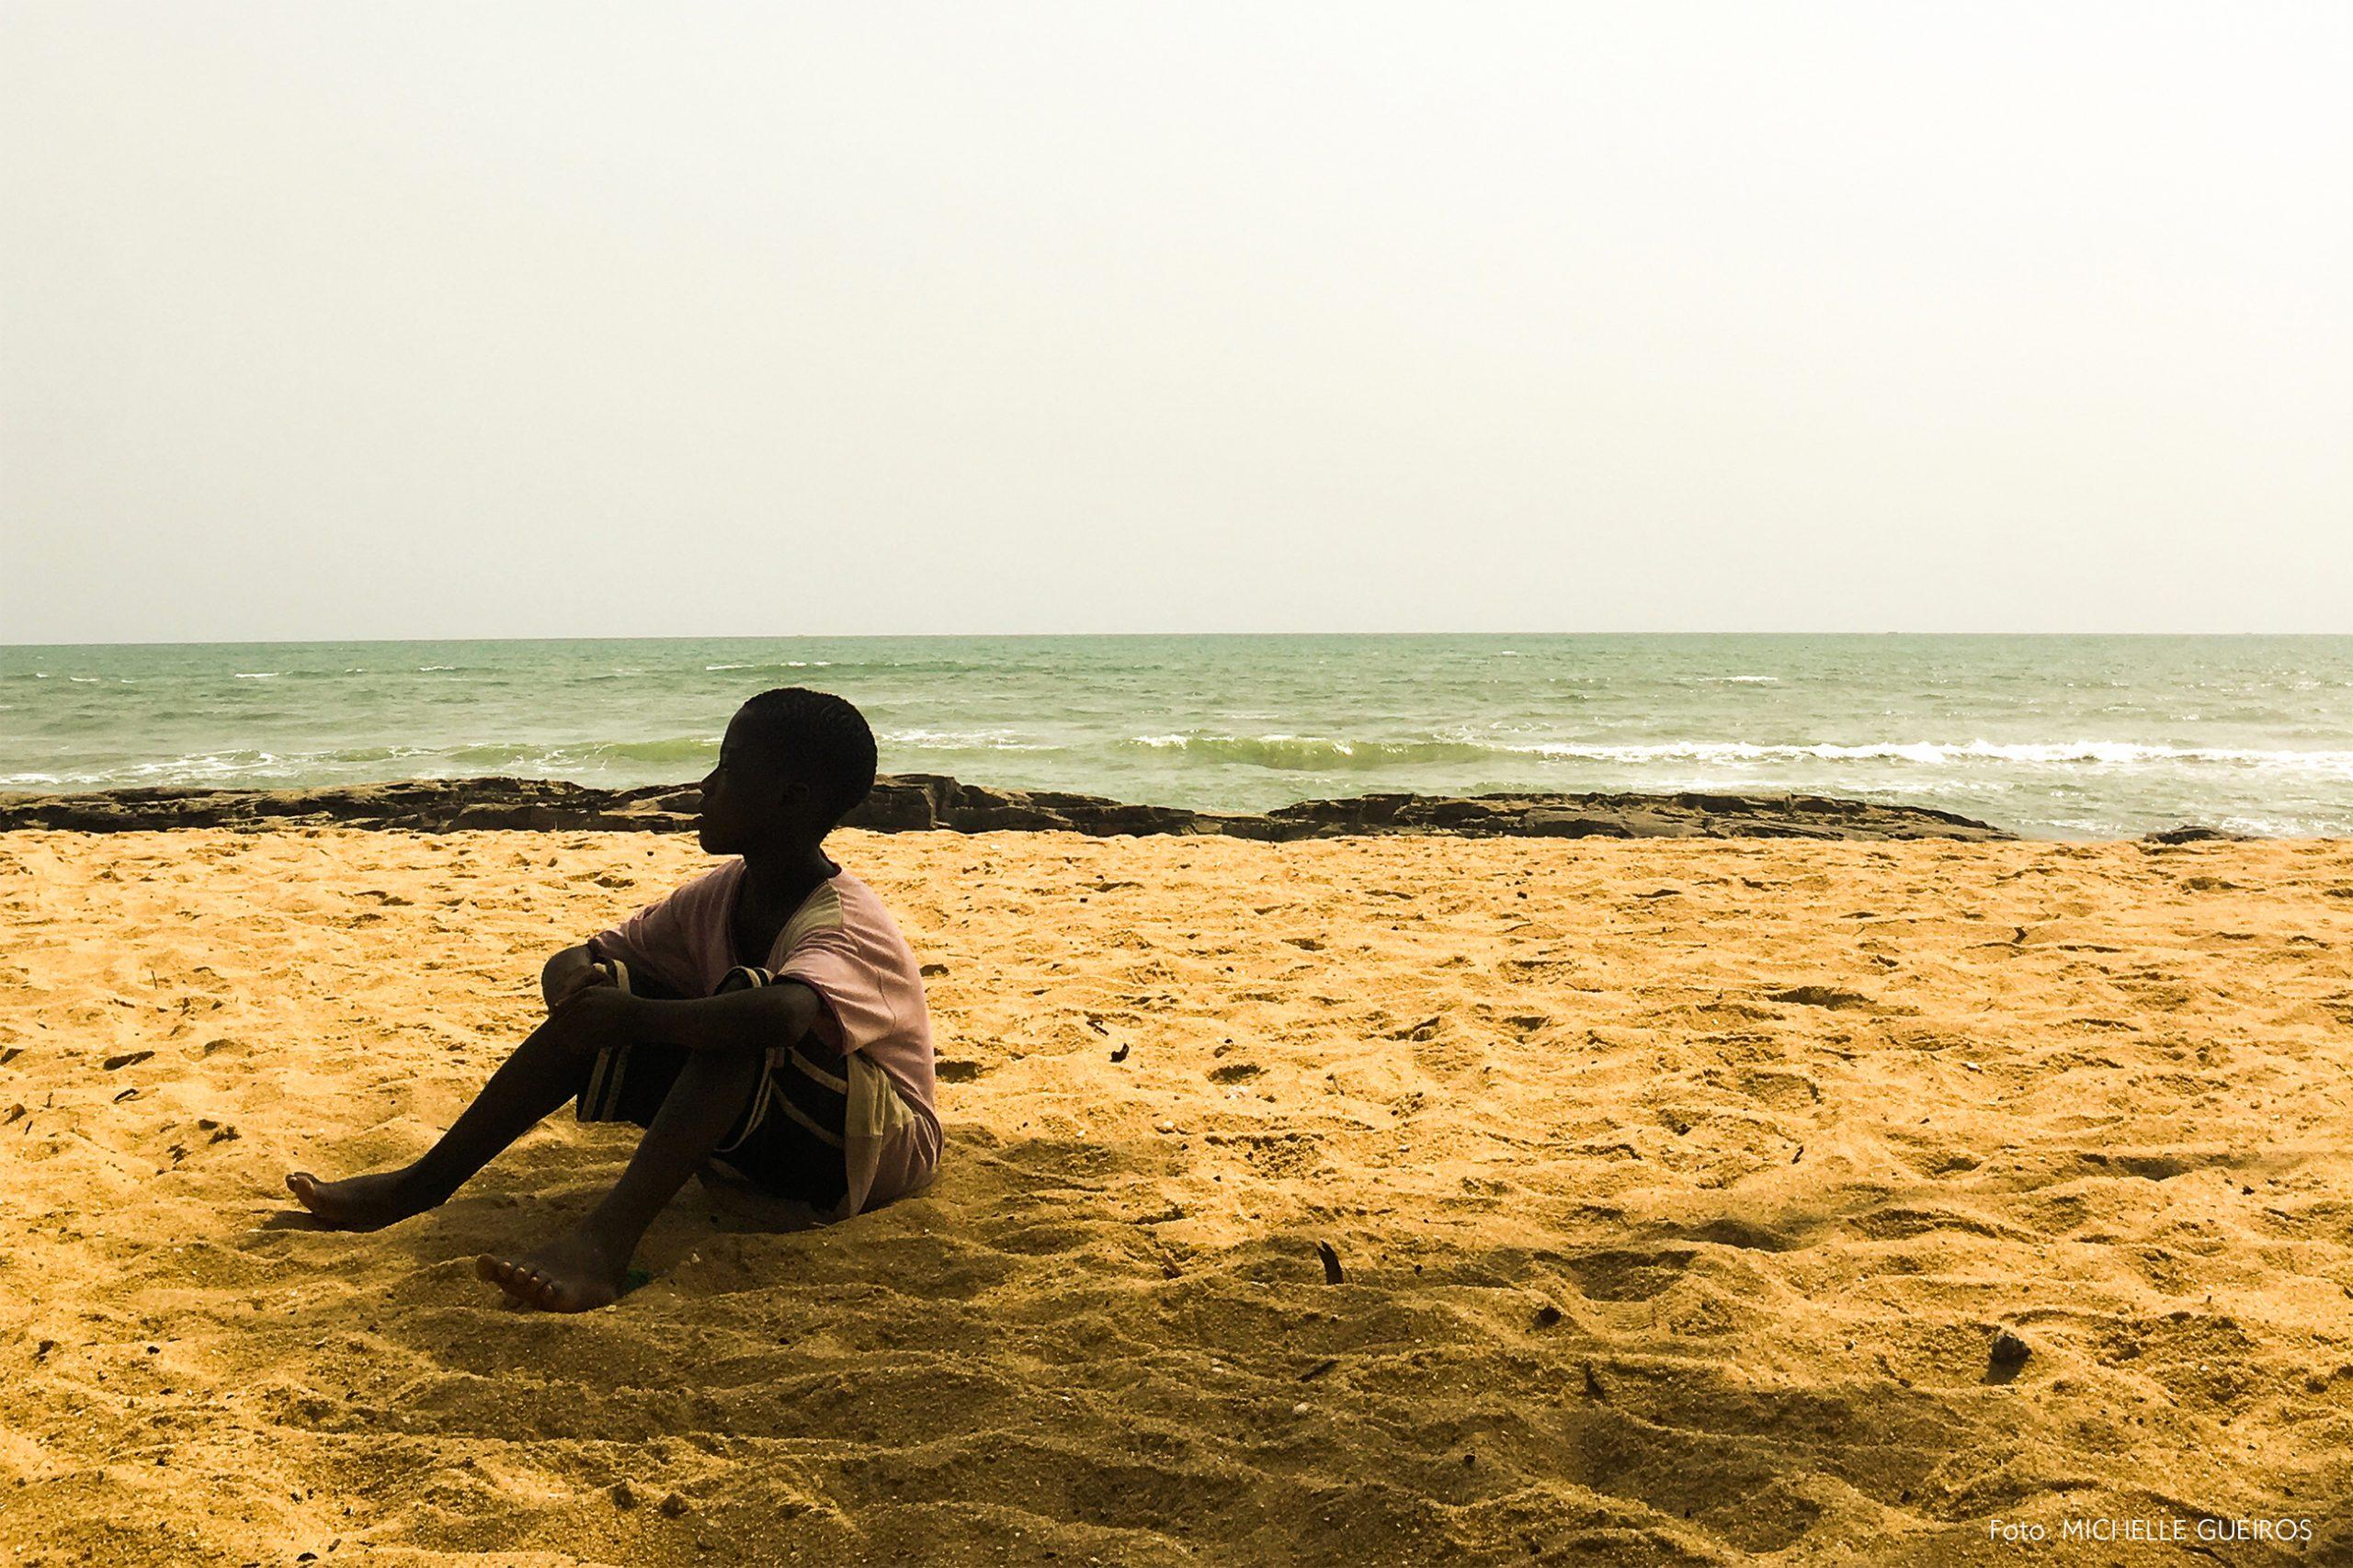 Gana viagem retrato praia